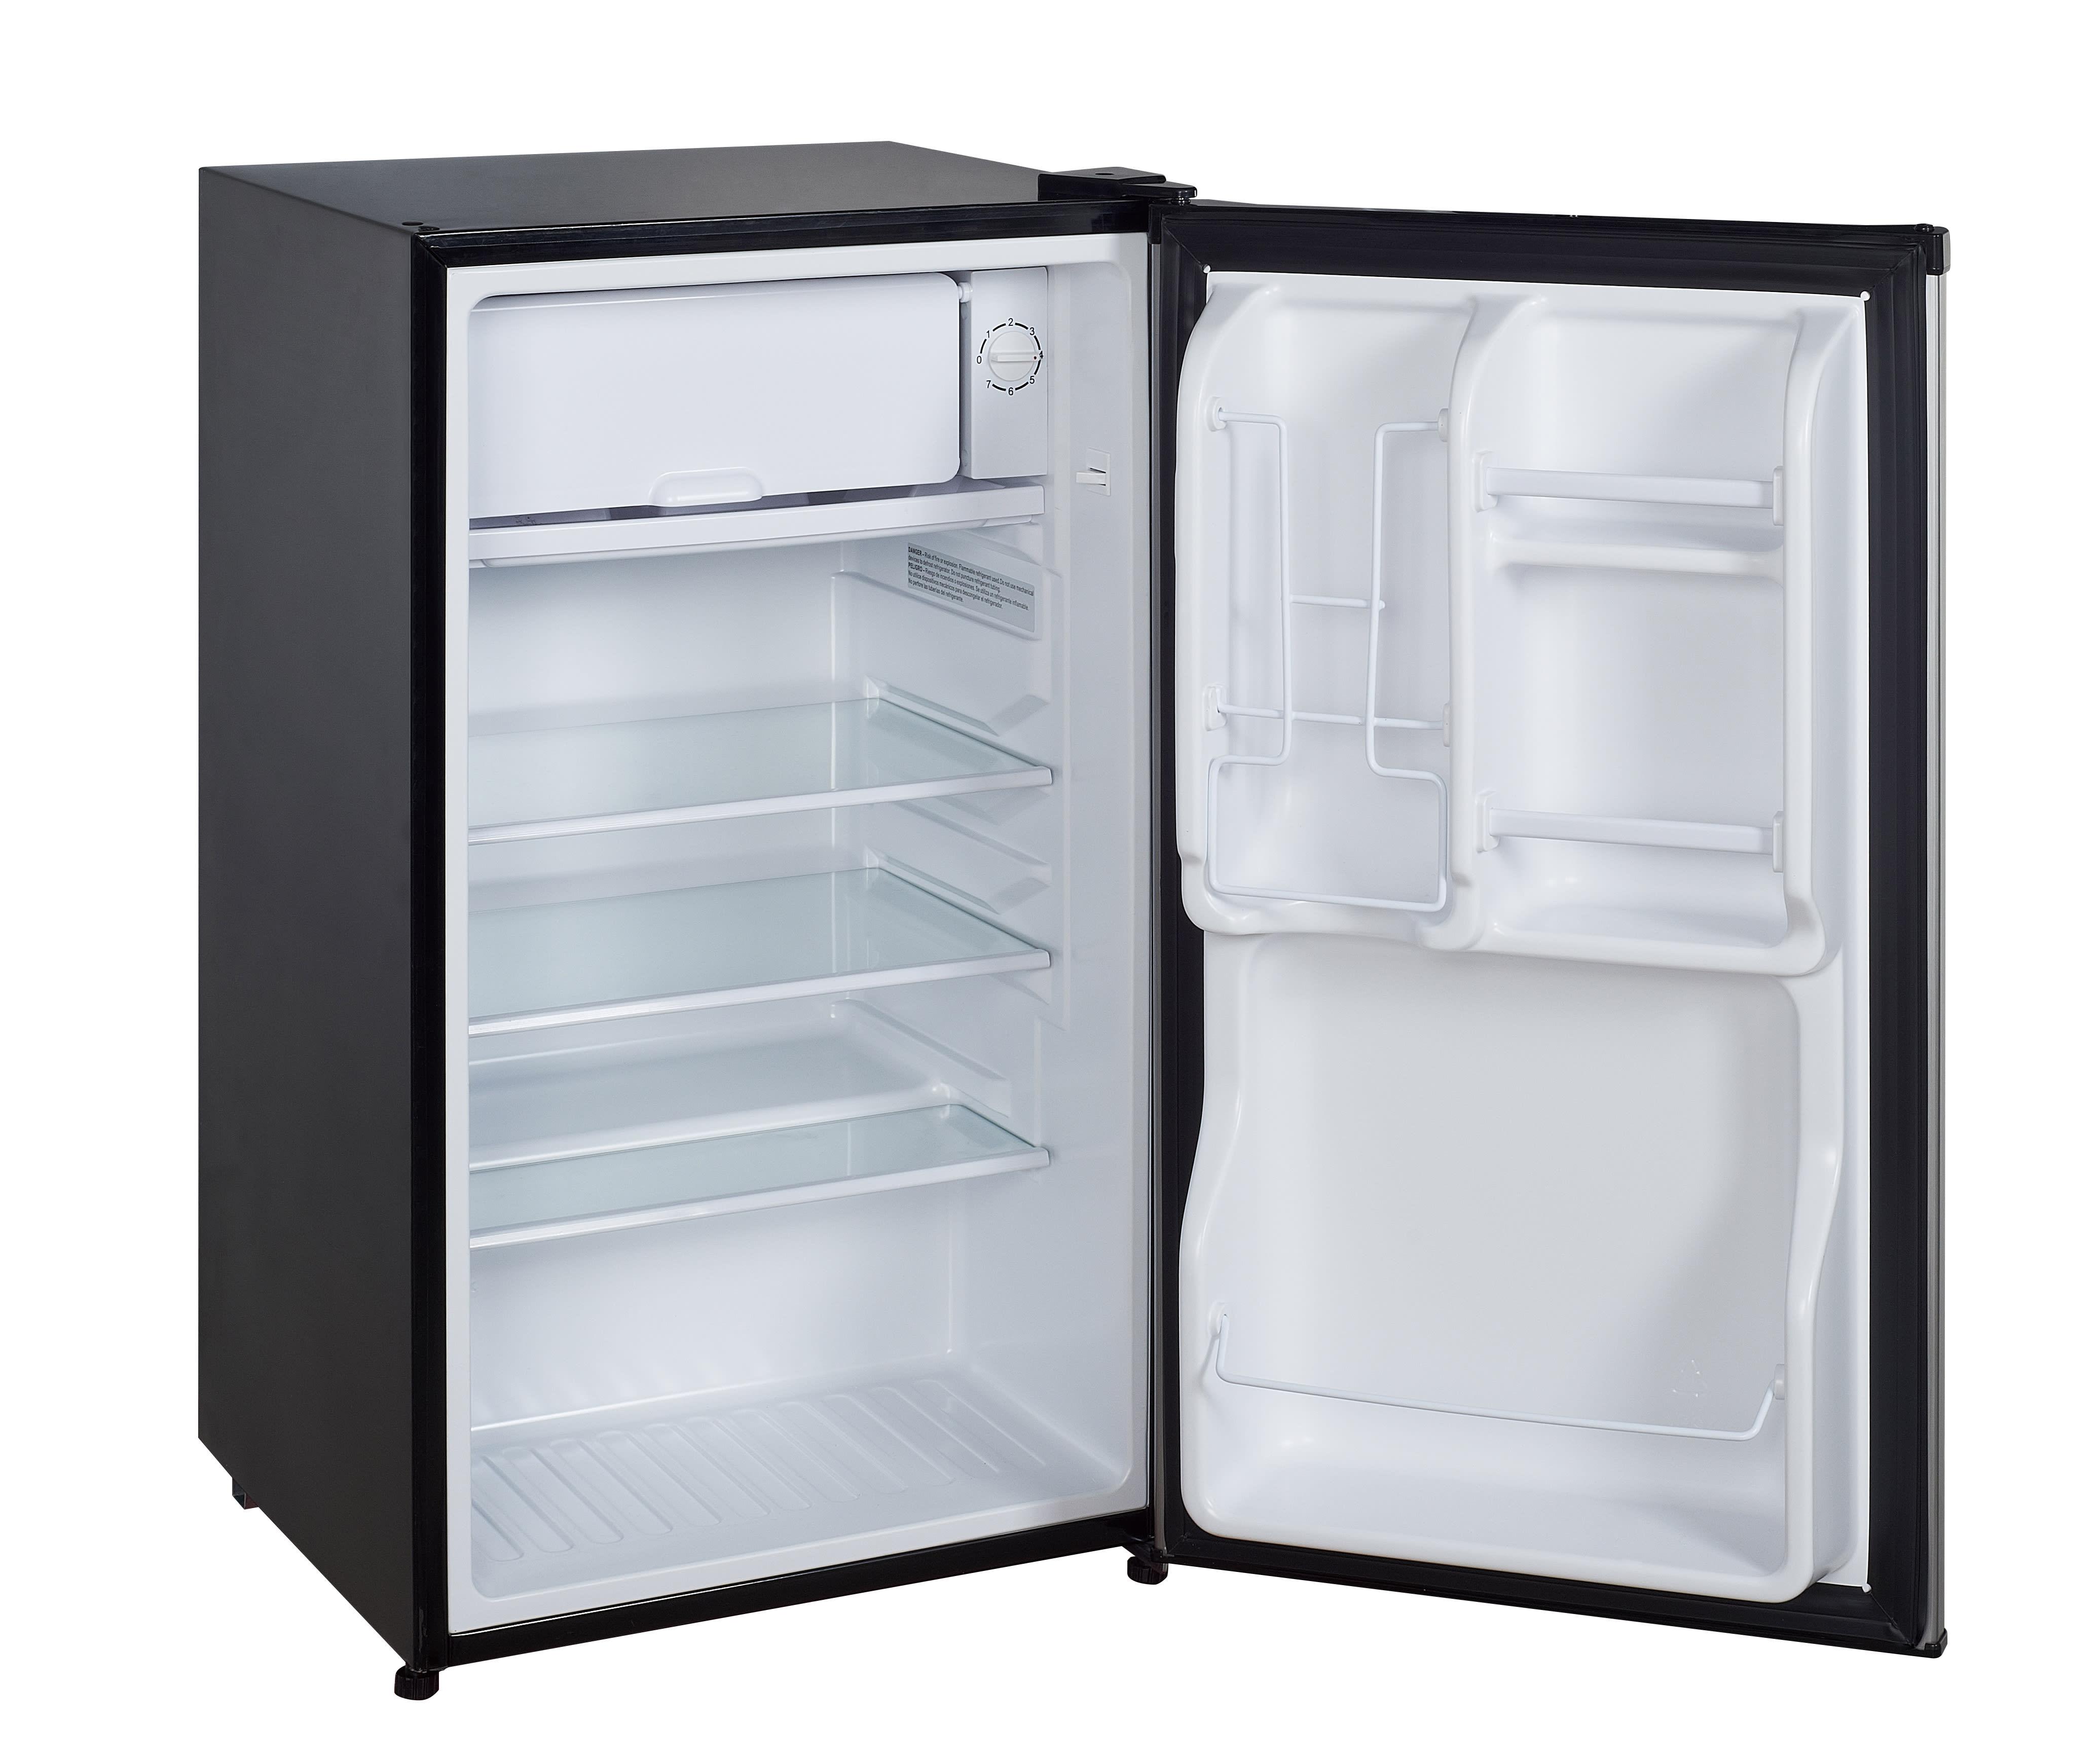 Magic Chef Compact Refrigerators - MCBR350